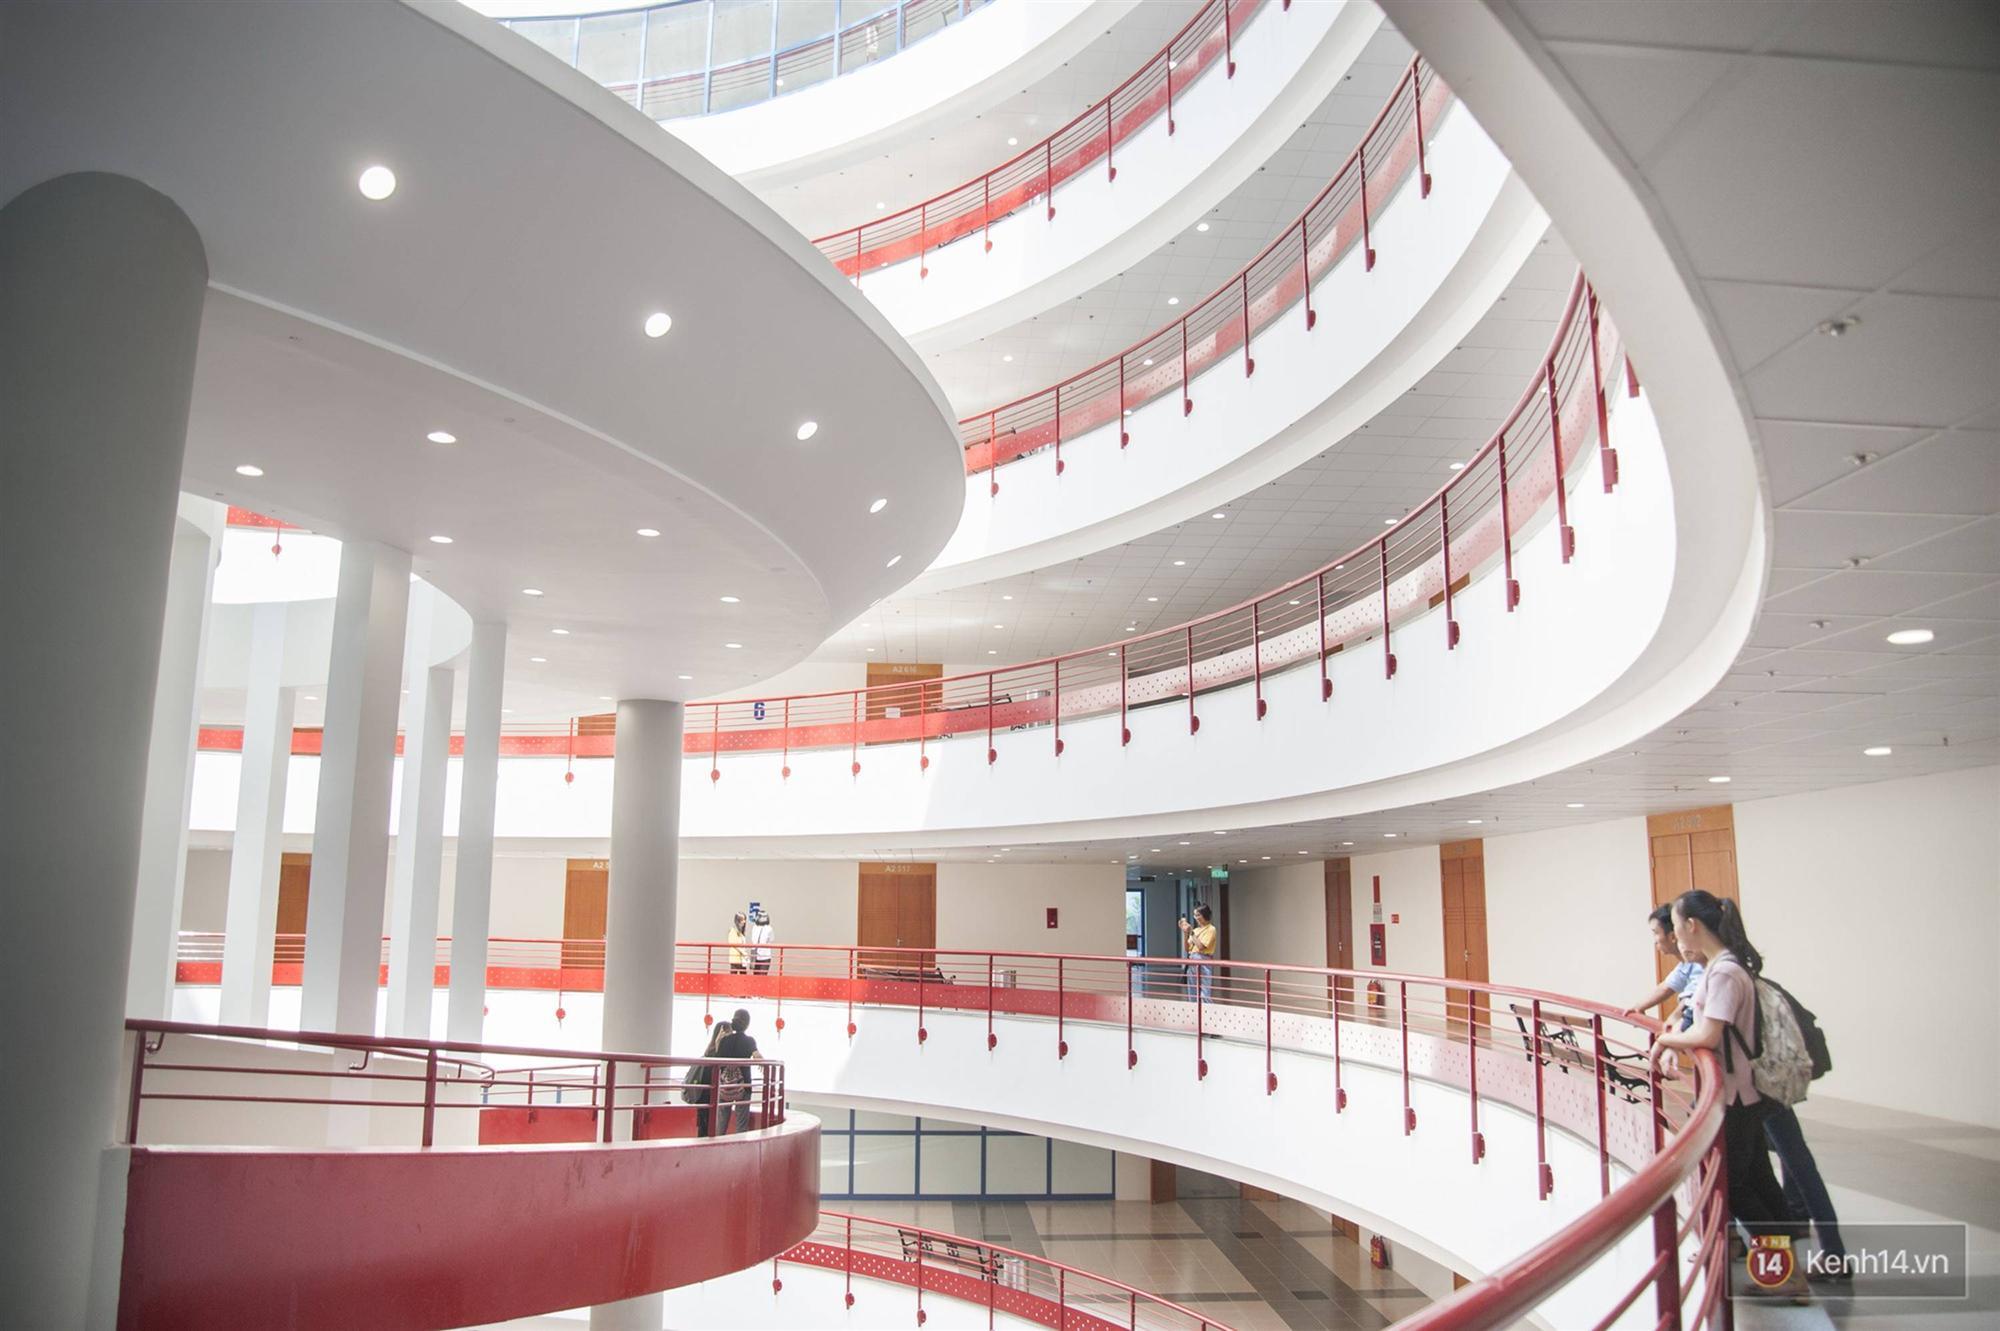 Xịn như Kinh tế Quốc dân: Dựng không gian checkin Noel sang như khách sạn bên trong toà nhà thế kỷ 96.000 m2 với 17 thang máy!-6